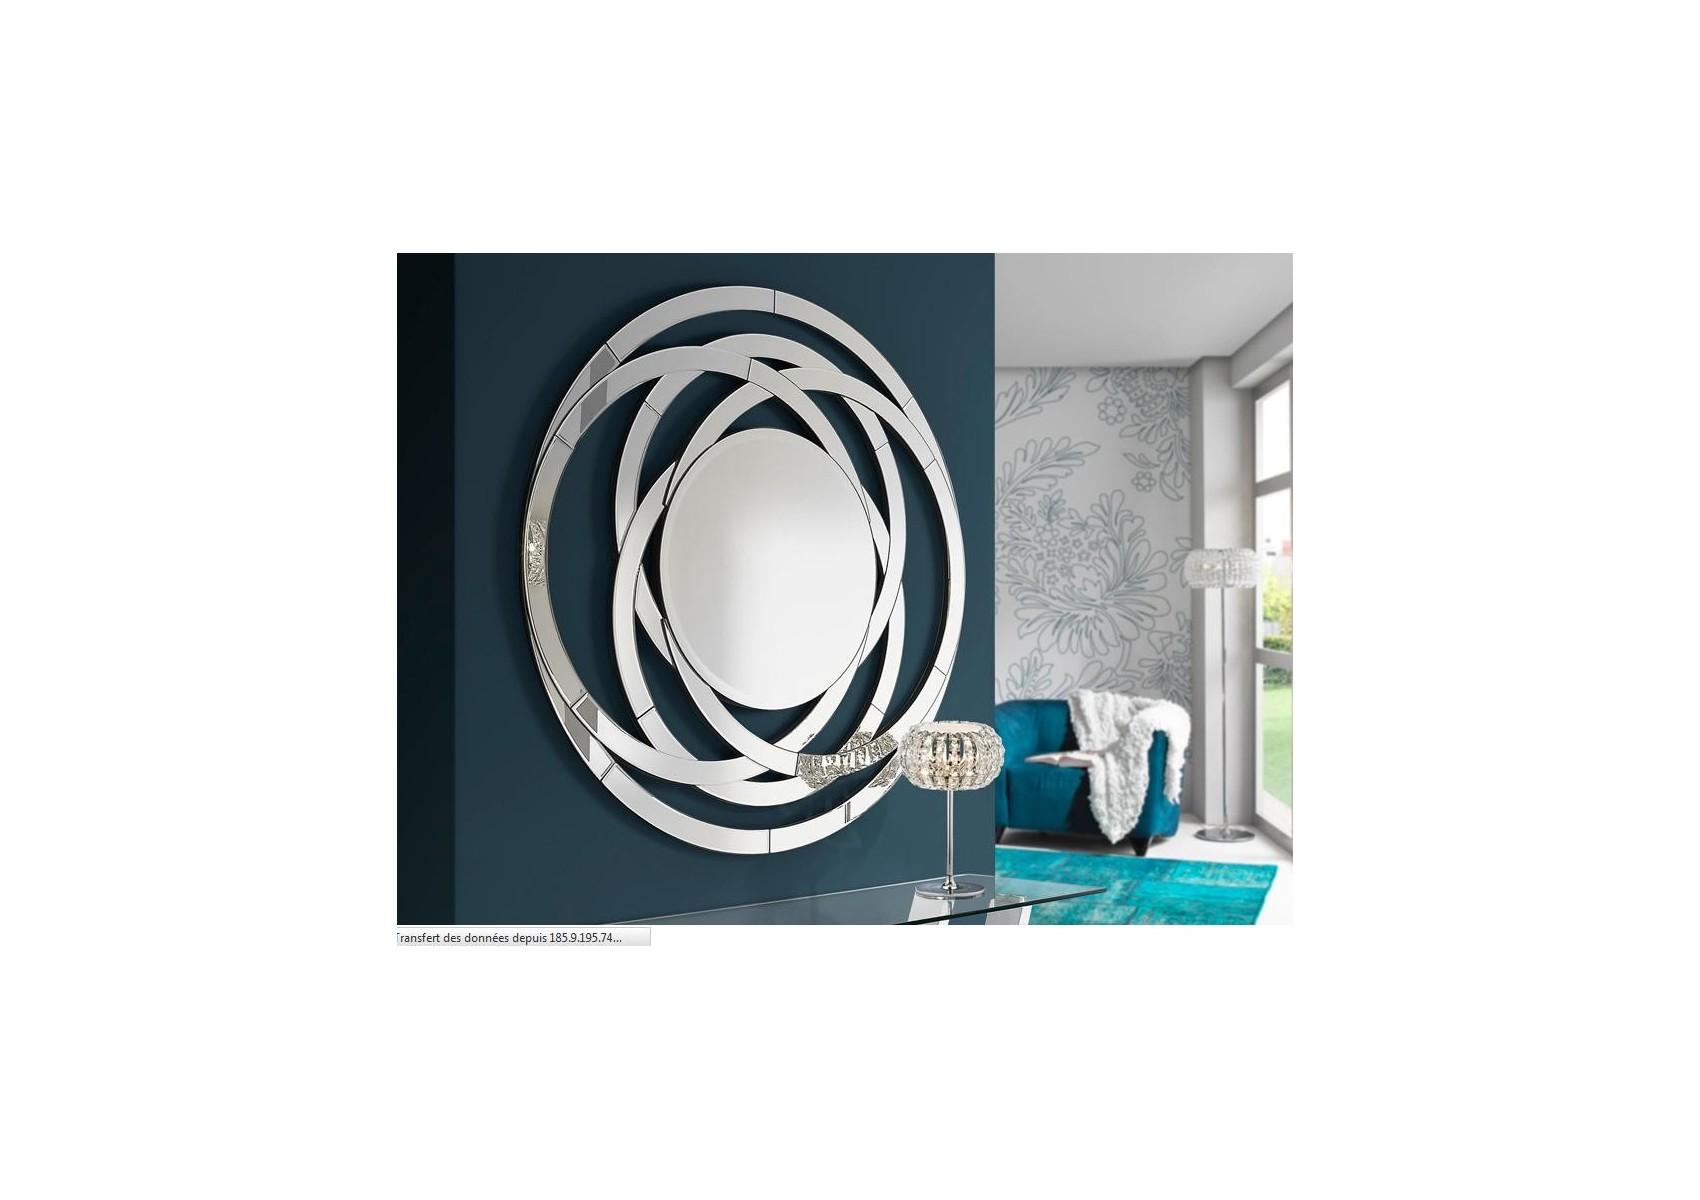 Miroir rond design de la collection aros de chez schuller for Miroir de la tauromachie